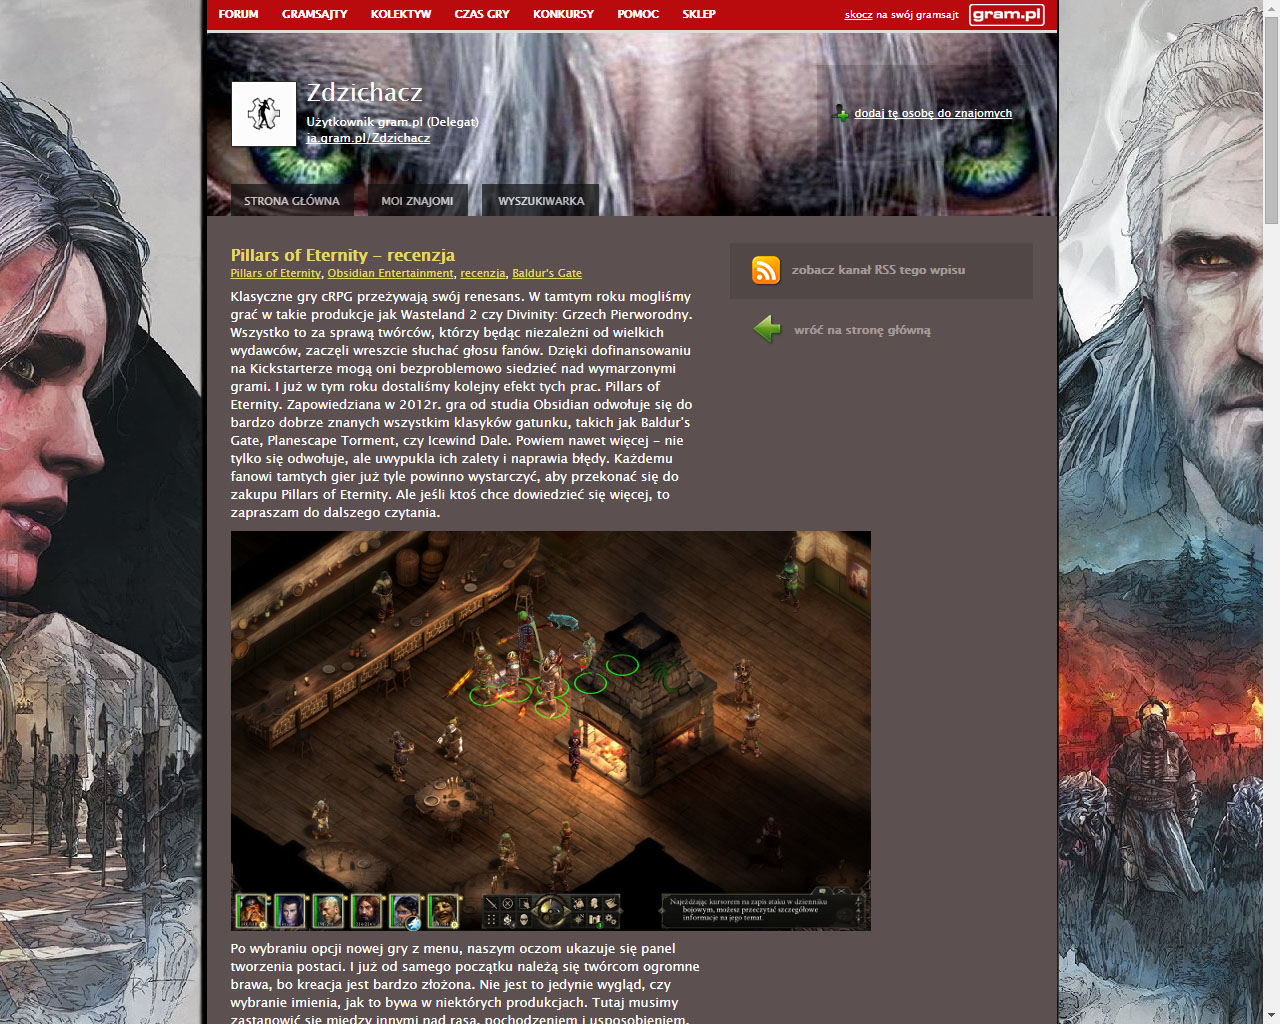 Co w gramsajtach piszczy #127 - Pillars of Eternity, spoilery i nowe opowiadania! - obrazek 2